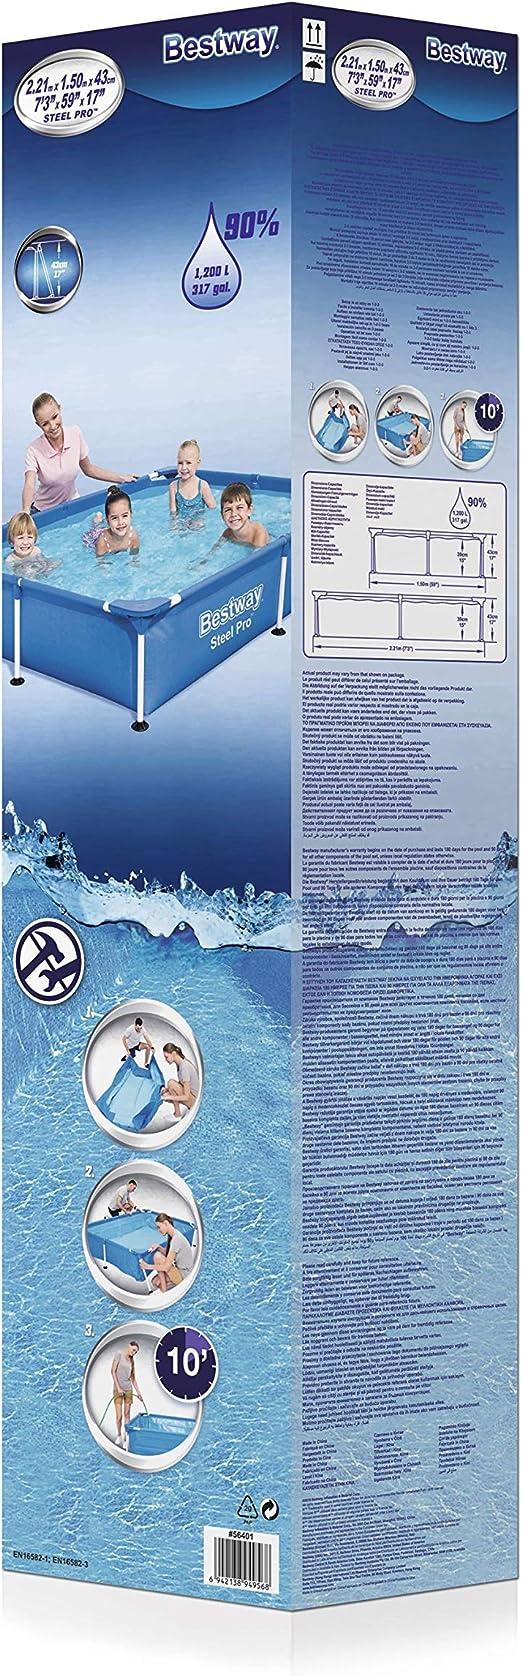 Bestway Splash Jr.Piscina Desmontable Tubular Infantil, 221 x 150 ...